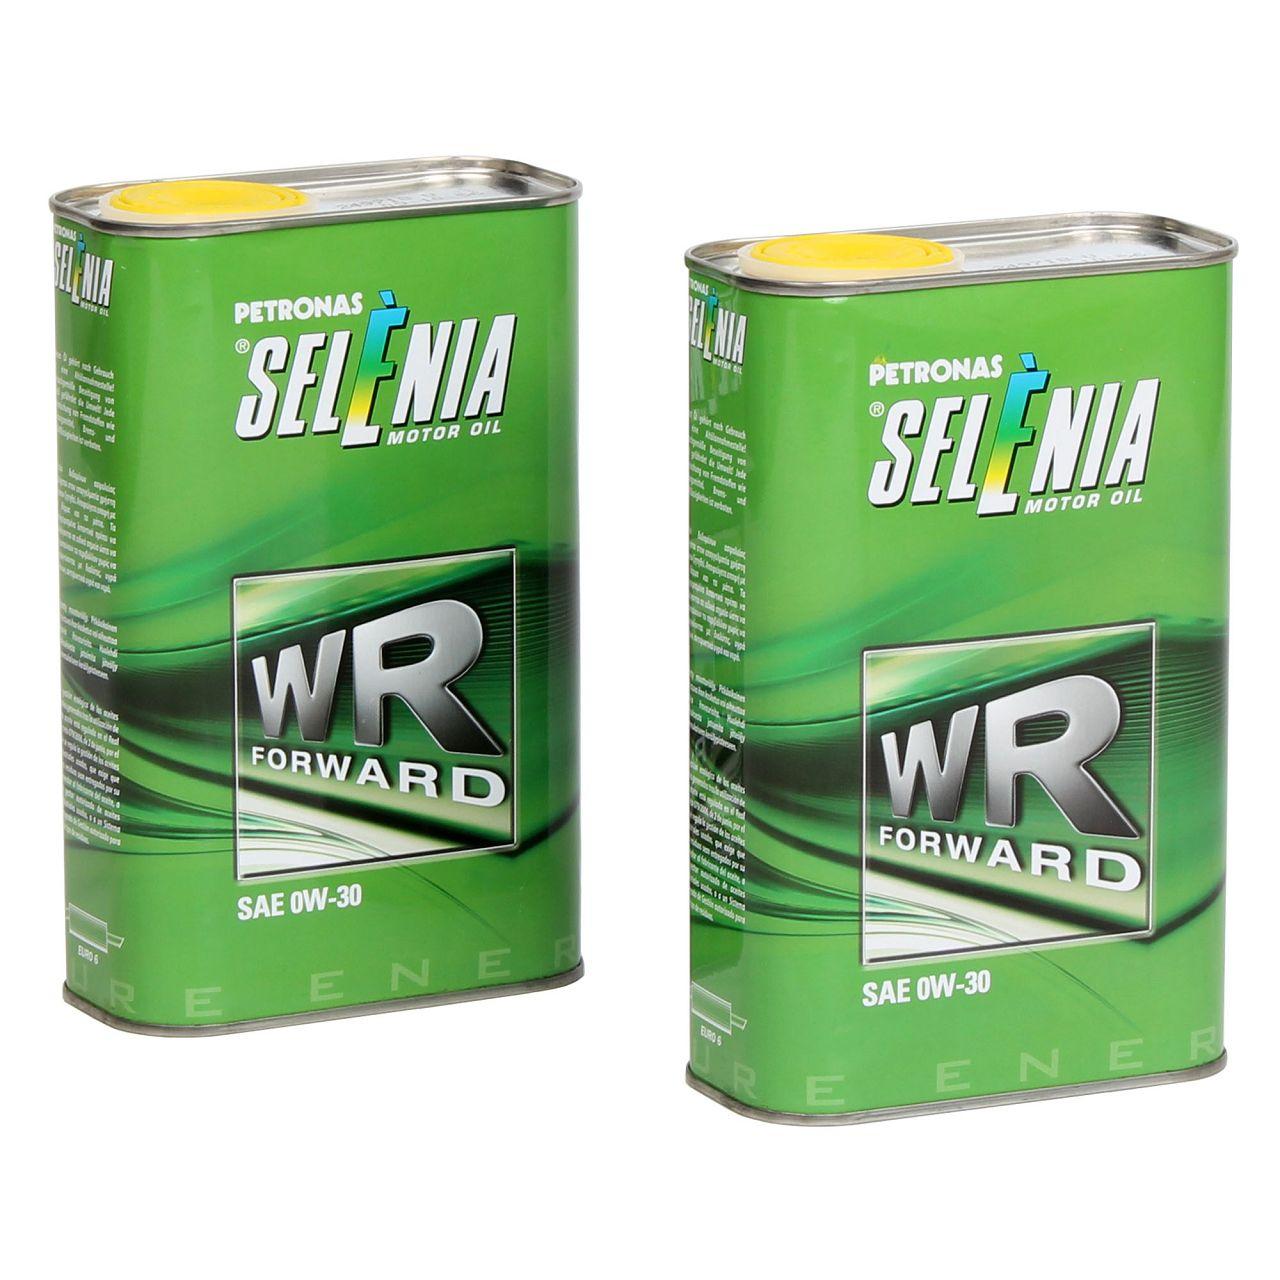 PETRONAS SELENIA Motoröl Öl WR FORWARD 0W30 0W-30 Fiat 9.55535-DS1 - 2L 2 Liter